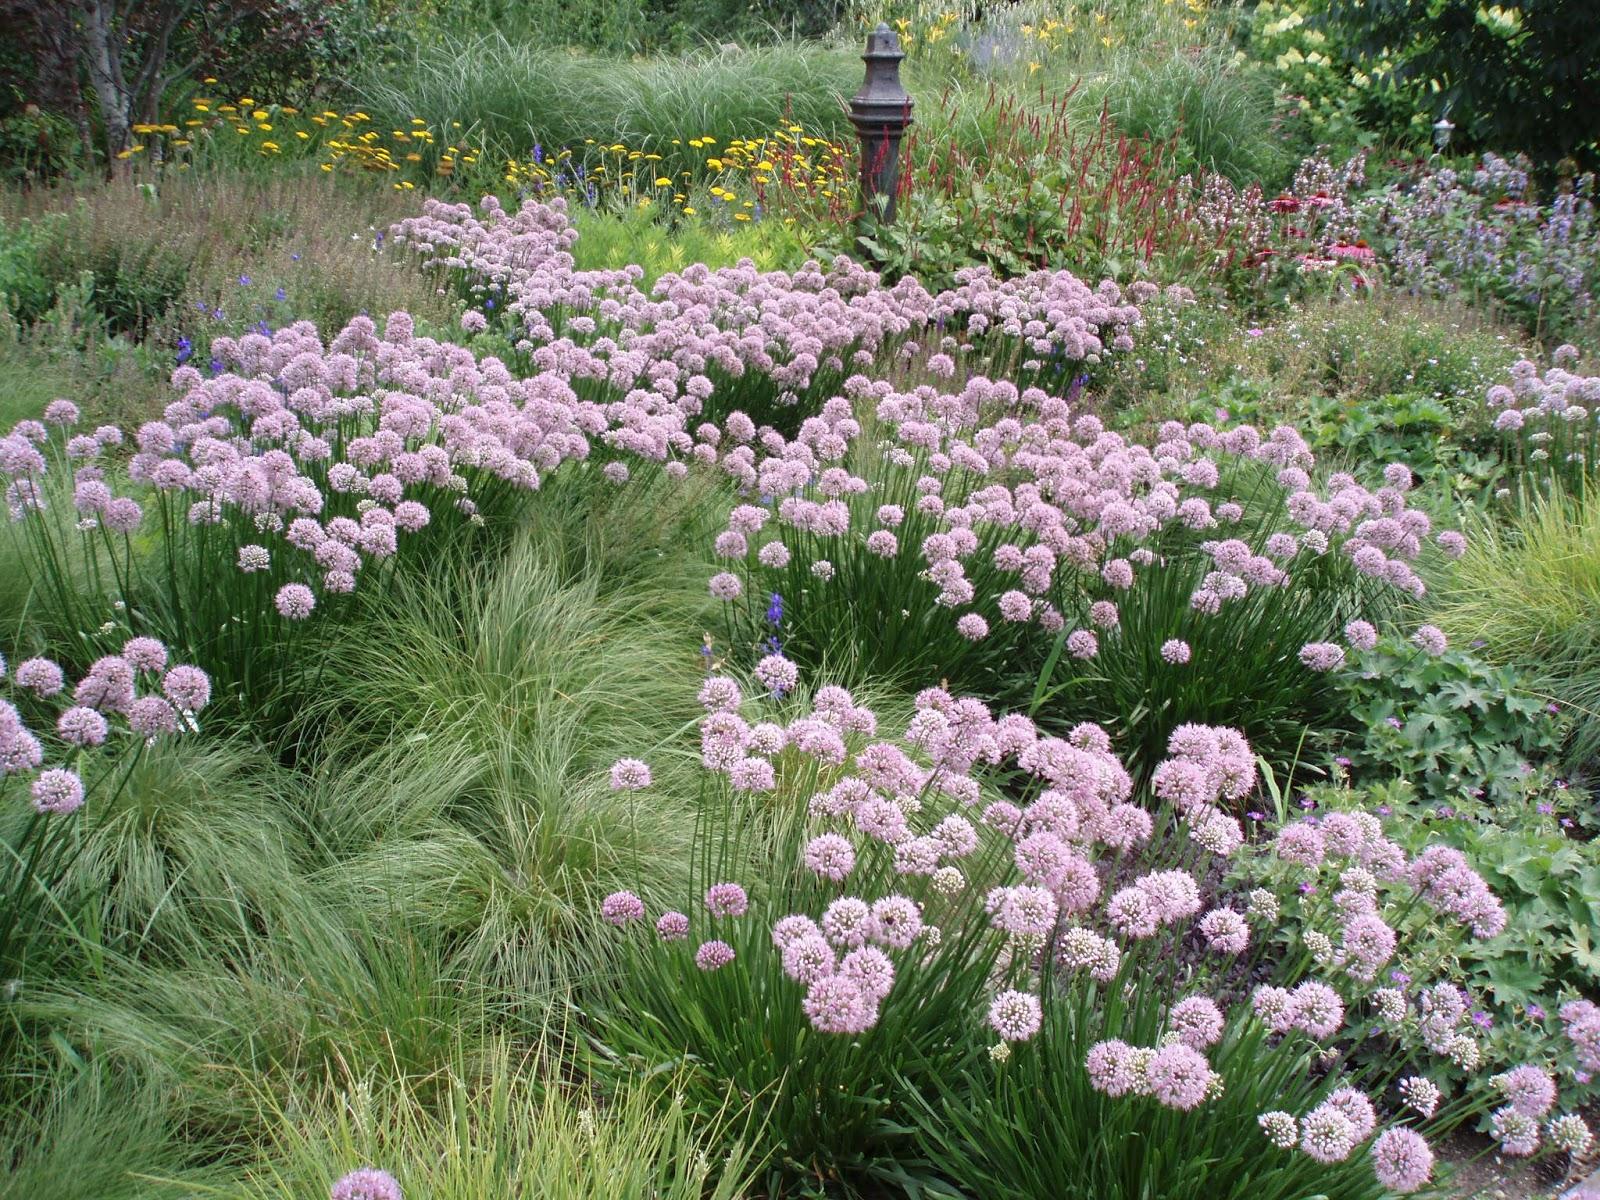 Merveilleux Summer Alliums